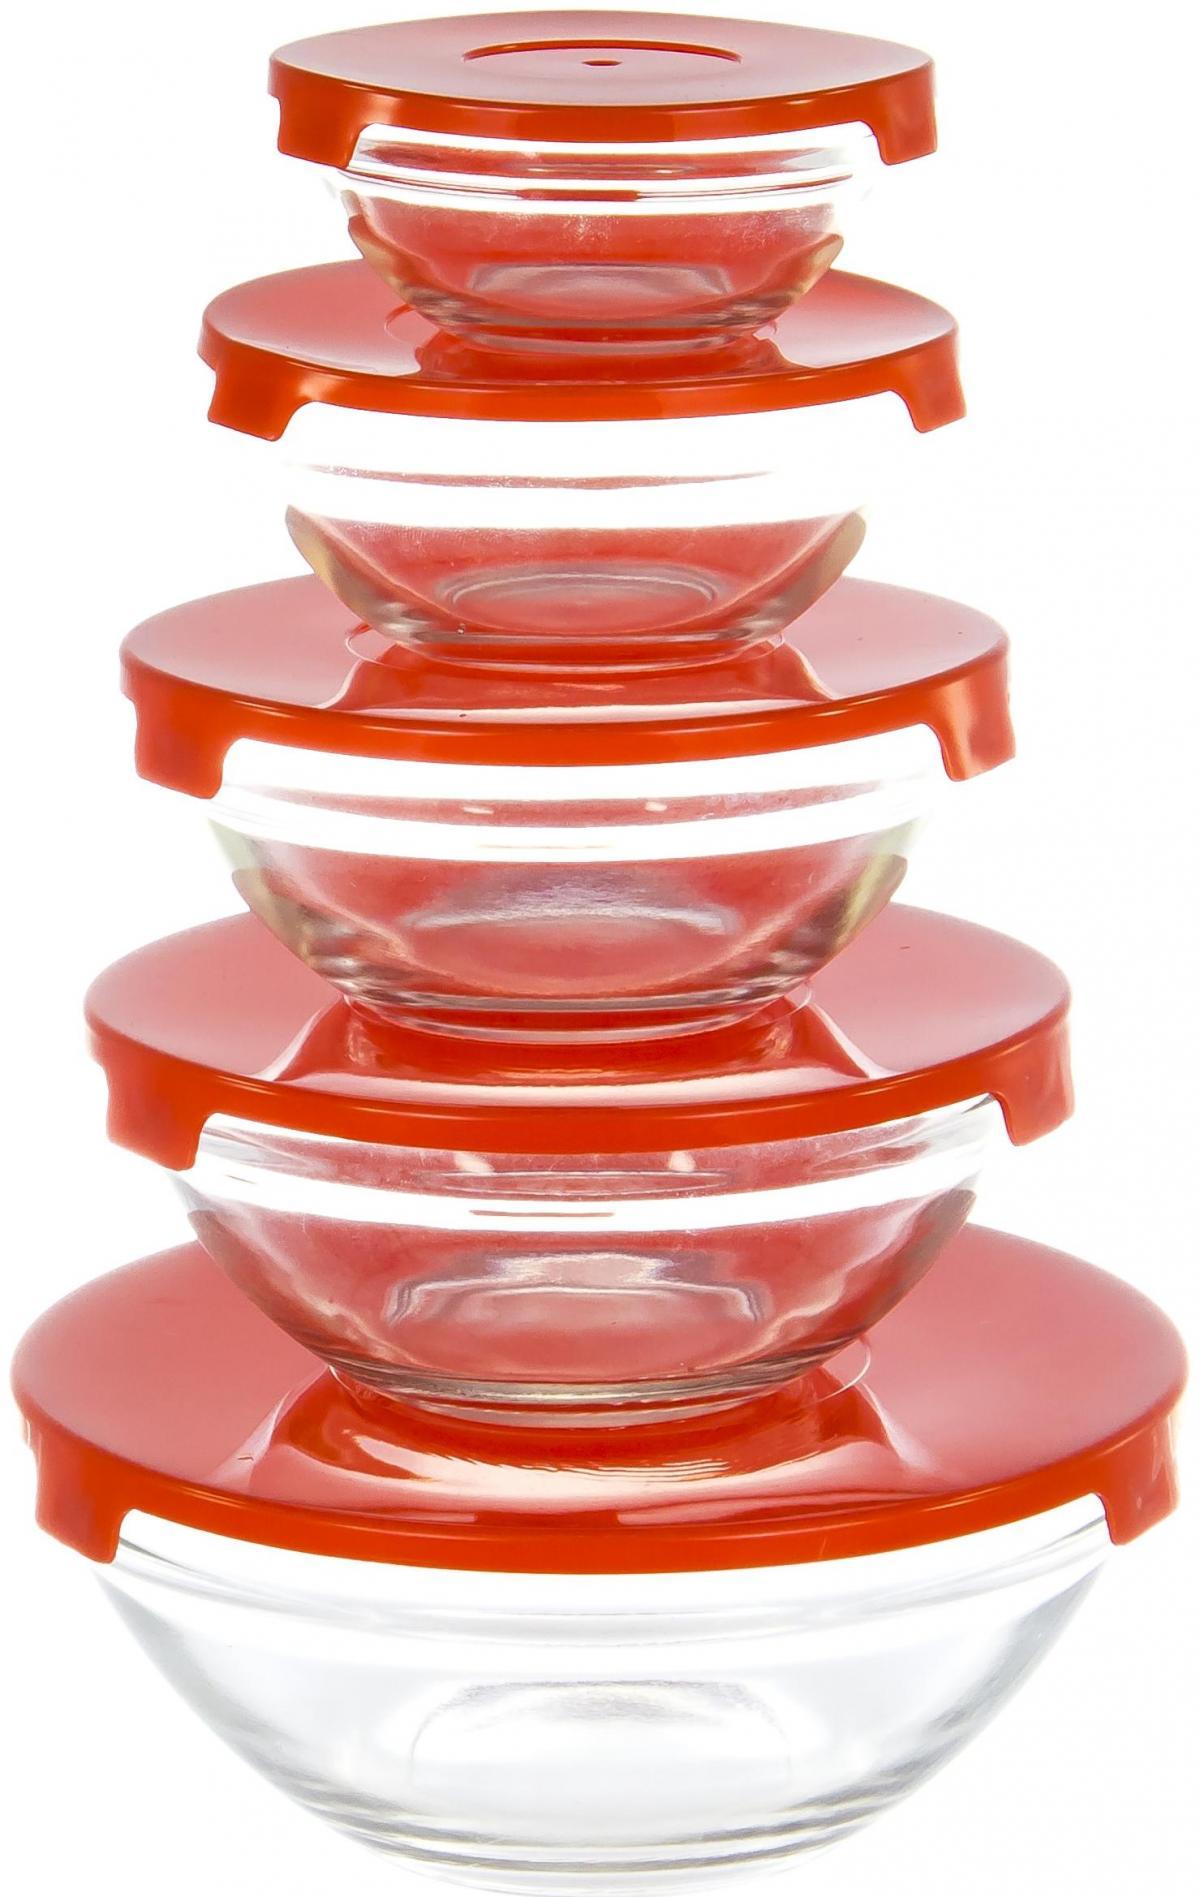 Набор салатников Olaff, с крышкой, 5 предметов. AX-5SB-RAX-5SB-Rнабор 5 салатников d-90мм, 103мм, 125мм, 140мм, 170мм с пластик.крышками, подарочная упаковка